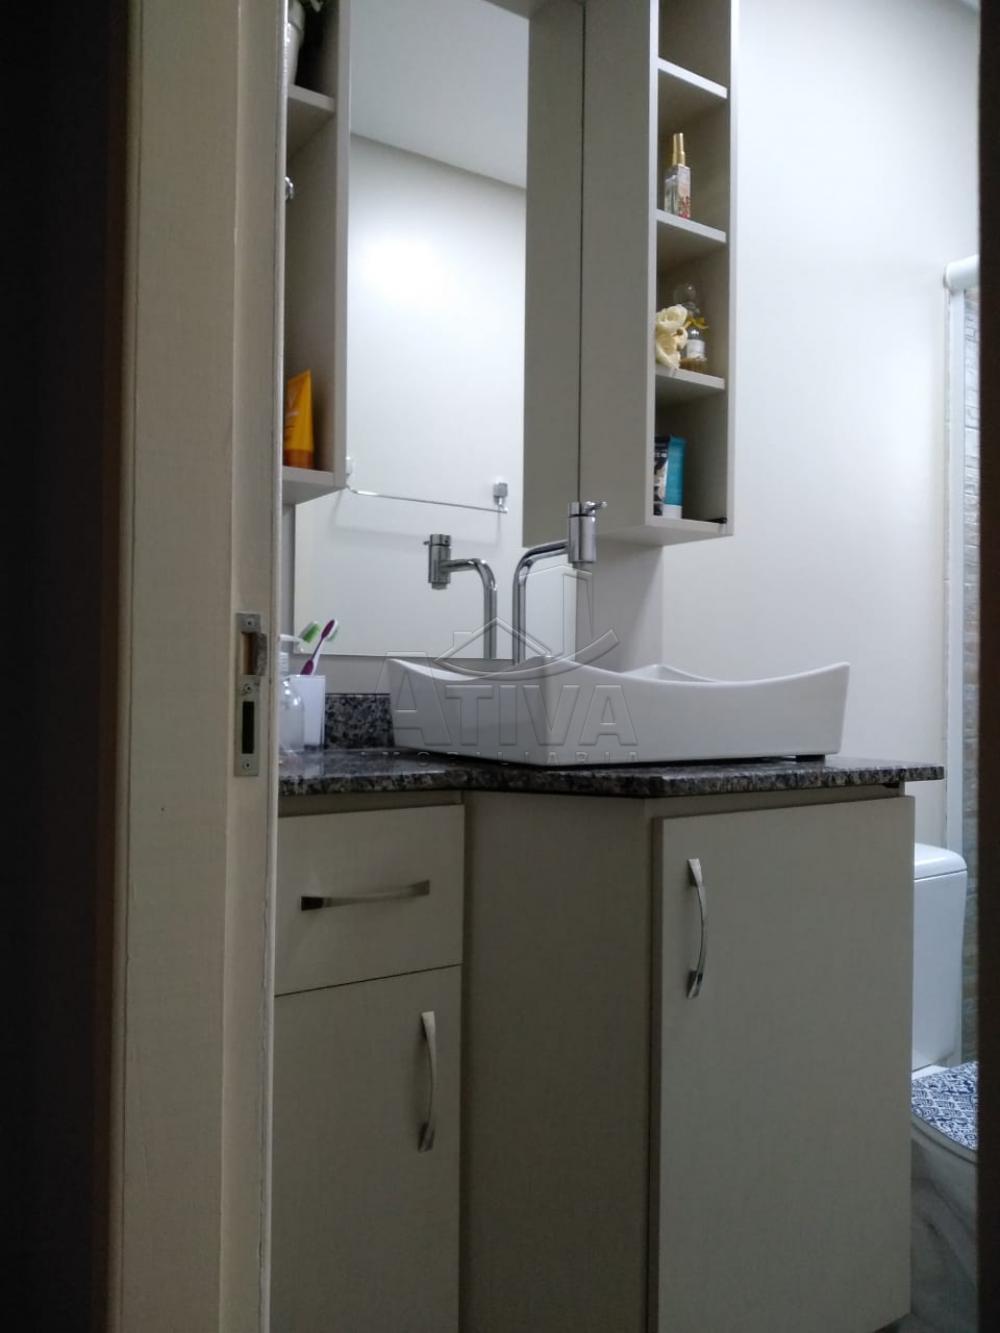 Comprar Apartamento / Padrão em Toledo apenas R$ 190.000,00 - Foto 12